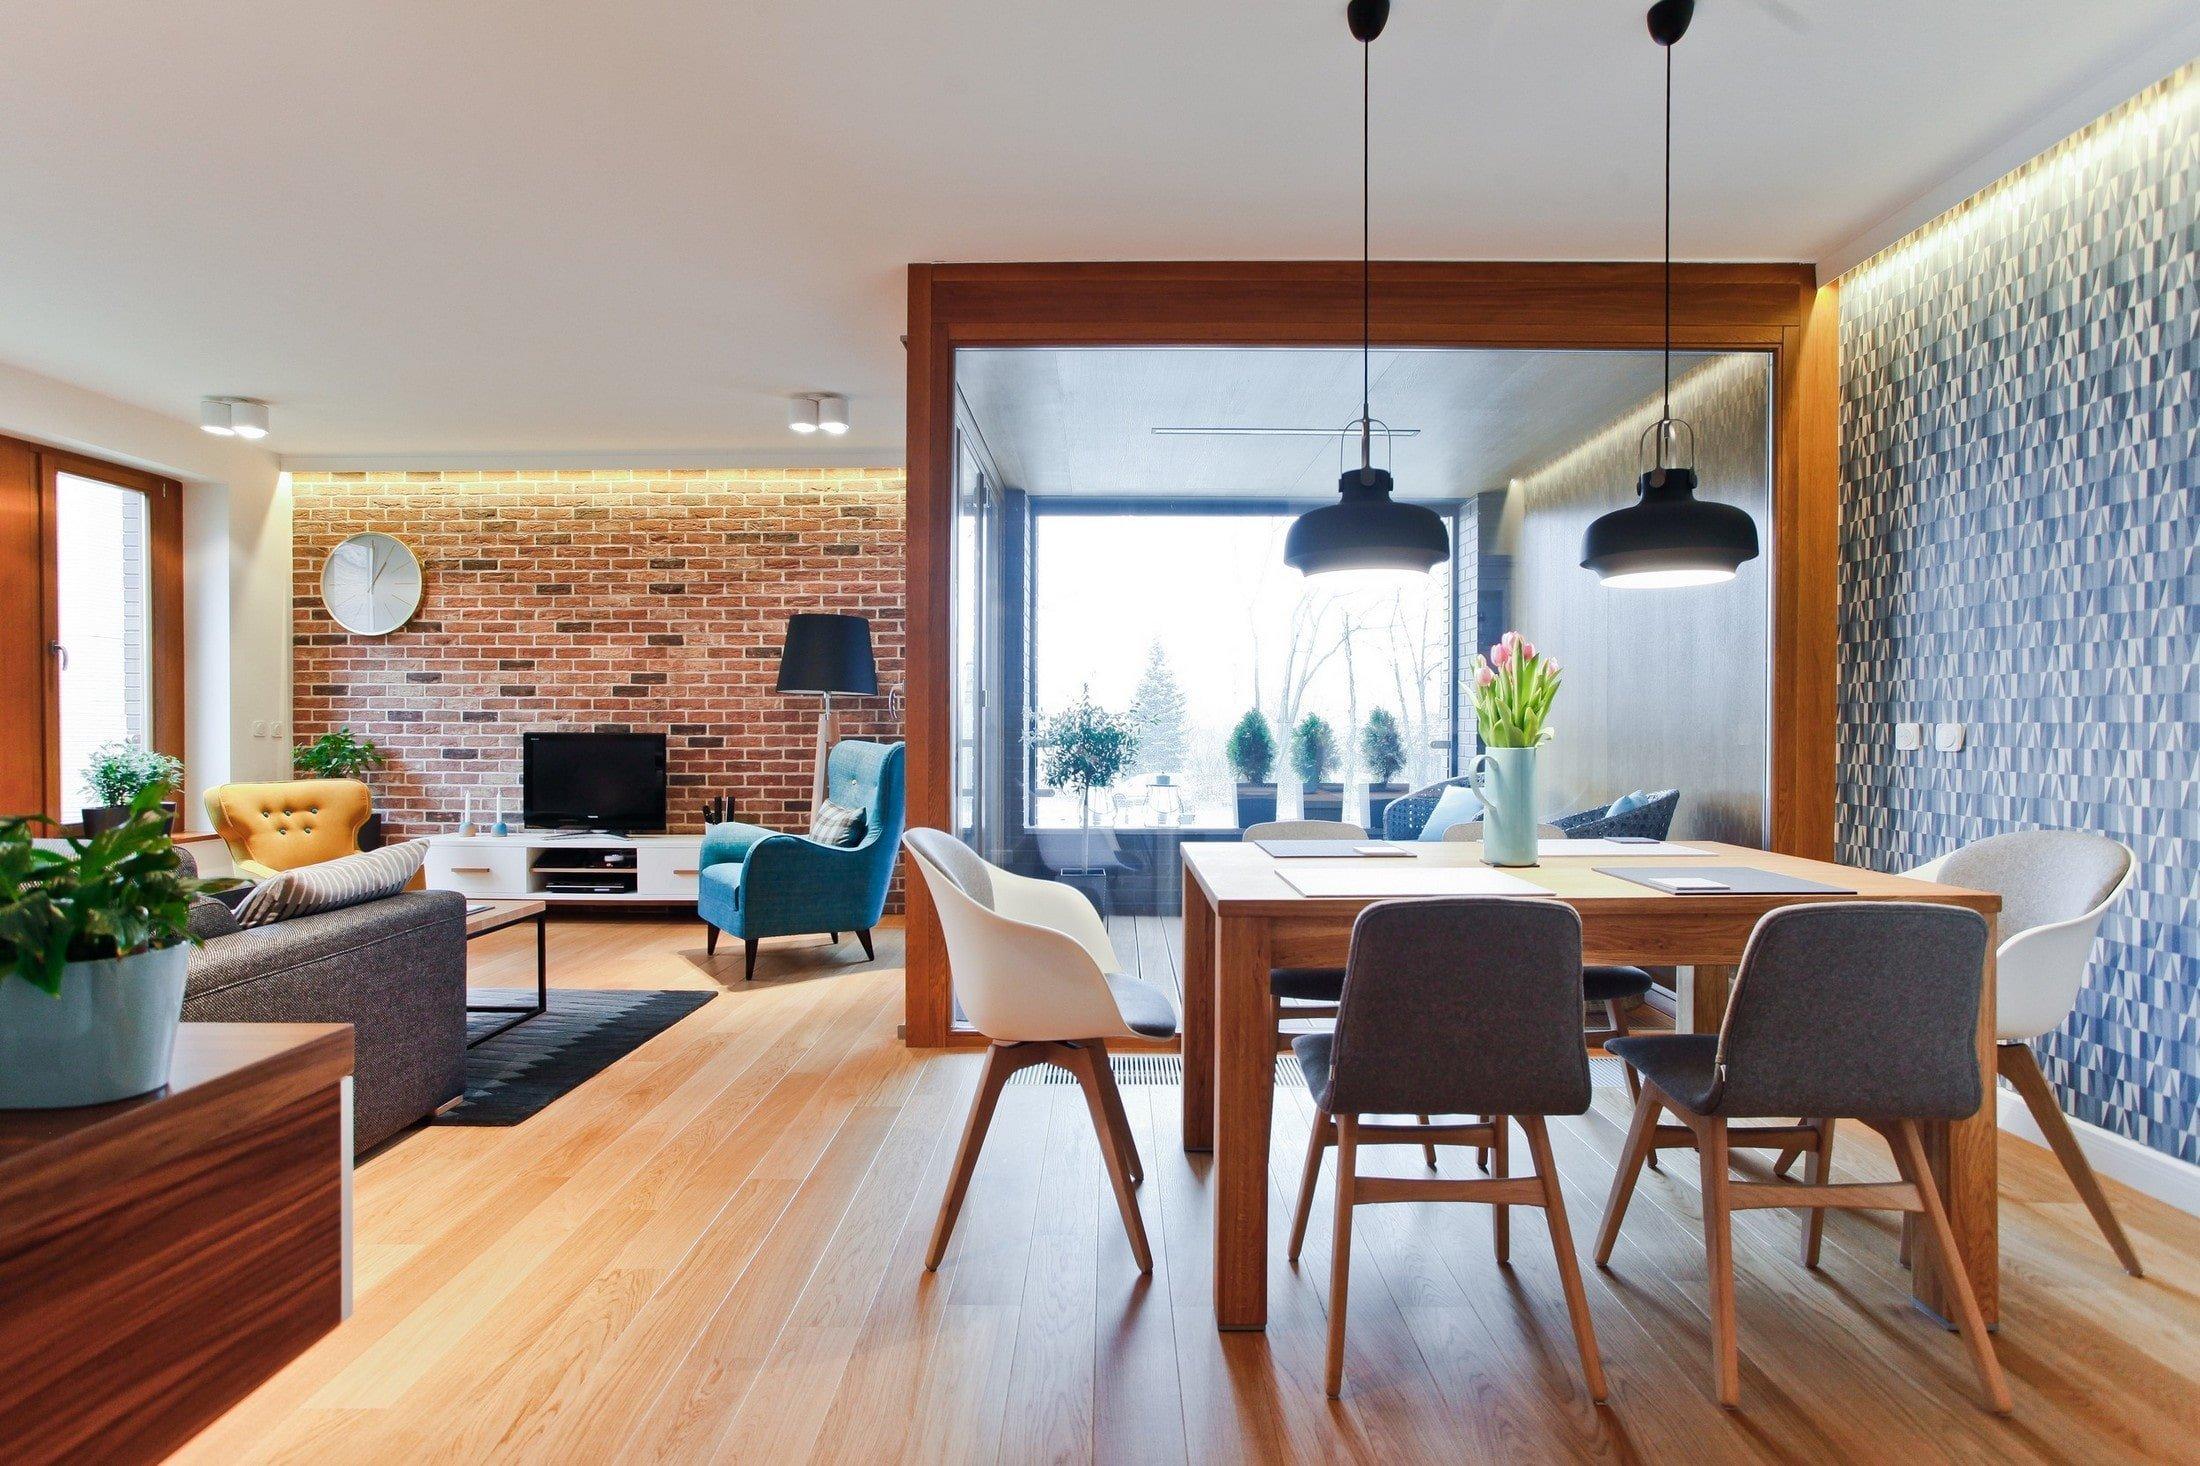 Chytře navržený apartmán s rozlohou 110 metrů čtverečních v polských Katovicích je zhmotněním představ manželského páru, který zde žije. Projektu se ujal tým architektů Superposition Architects a zařídili ho v teplých a příjemných barvách, ke kterým přispívá červená cihlová stěna v obývacím pokoji a dřevo užité na oknech a podlaze.